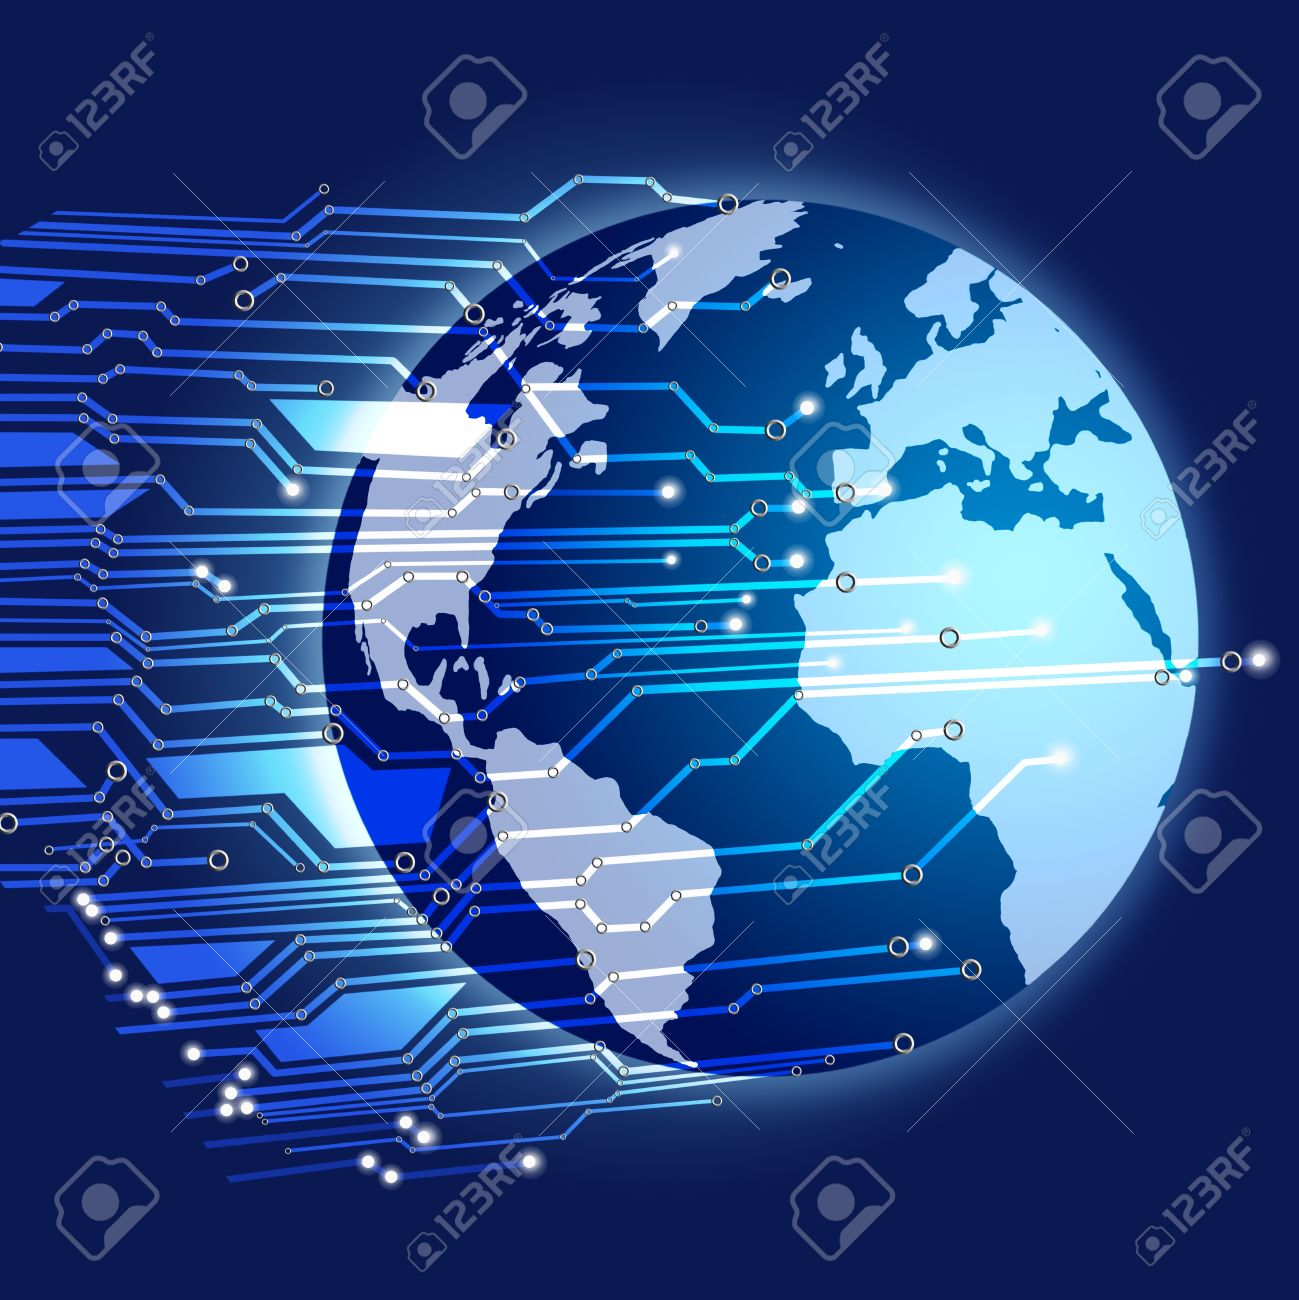 Globe with circuit board Stock Photo - 11824848